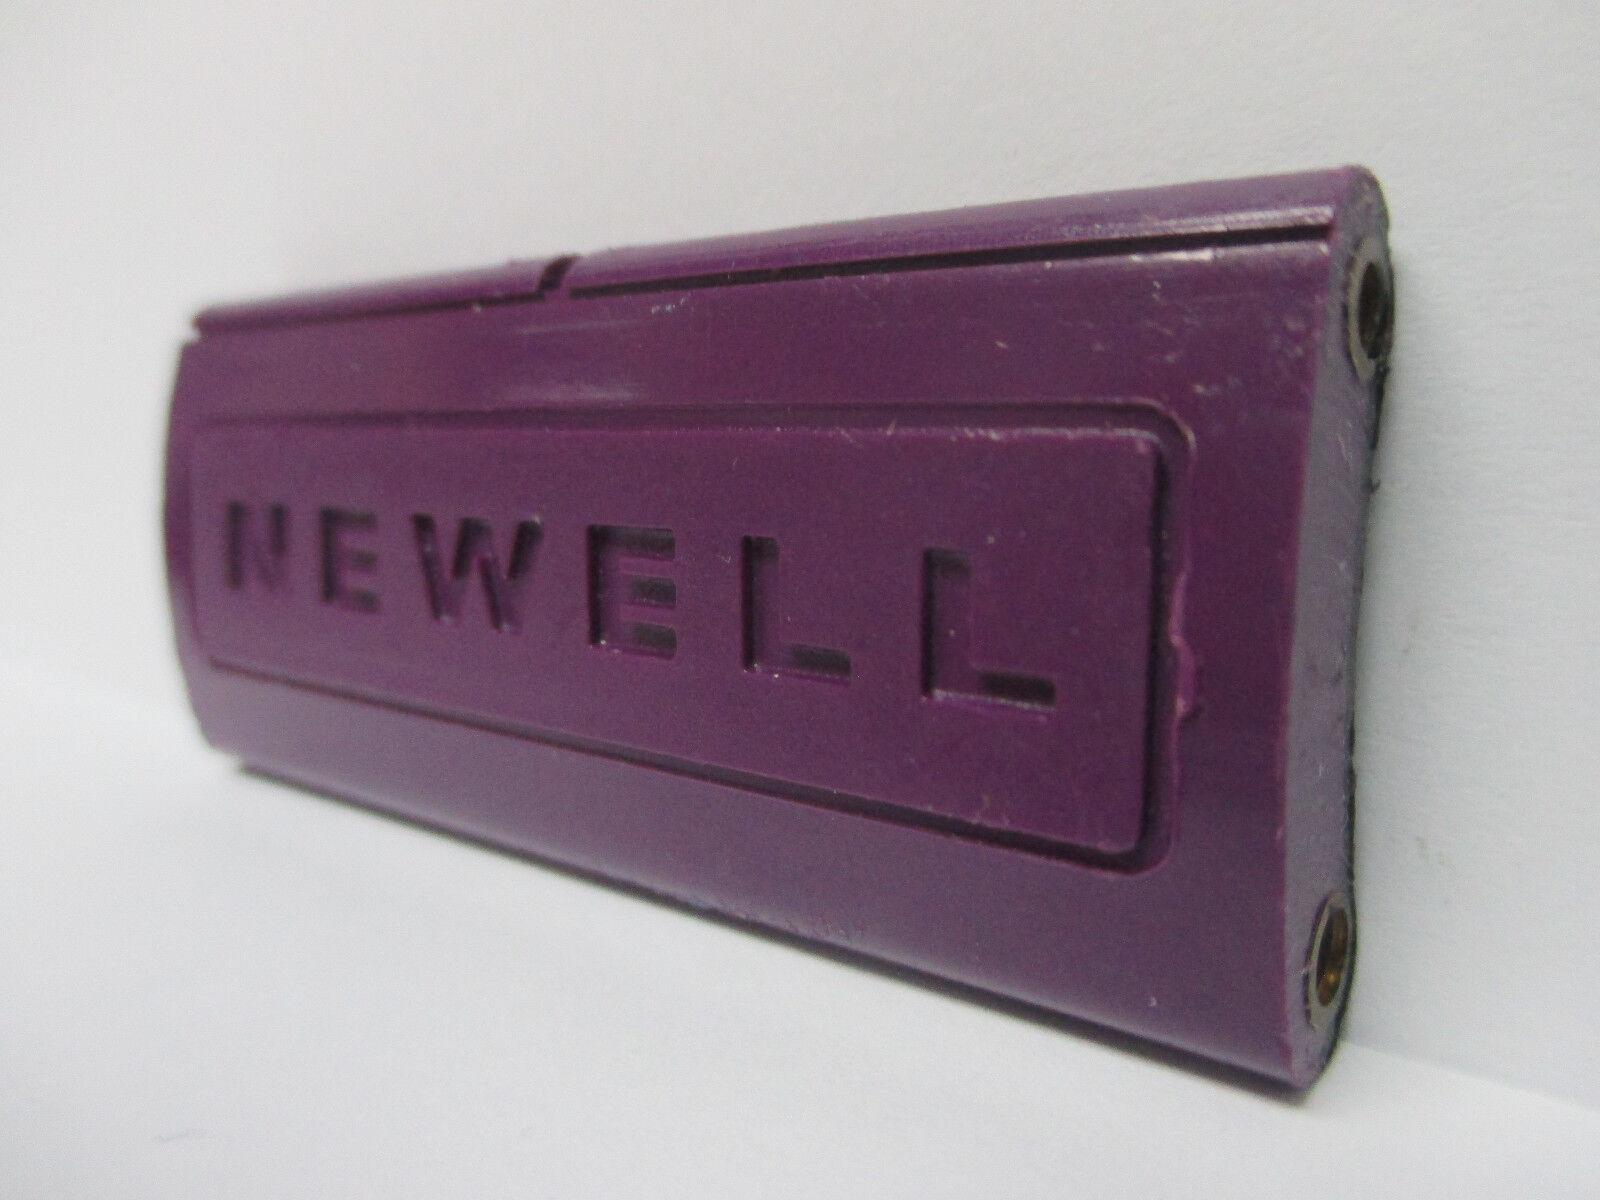 Parte utilizada Newell convencional Carrete-PR 533 5.5 - Espaciador Bar  A roscado  crack